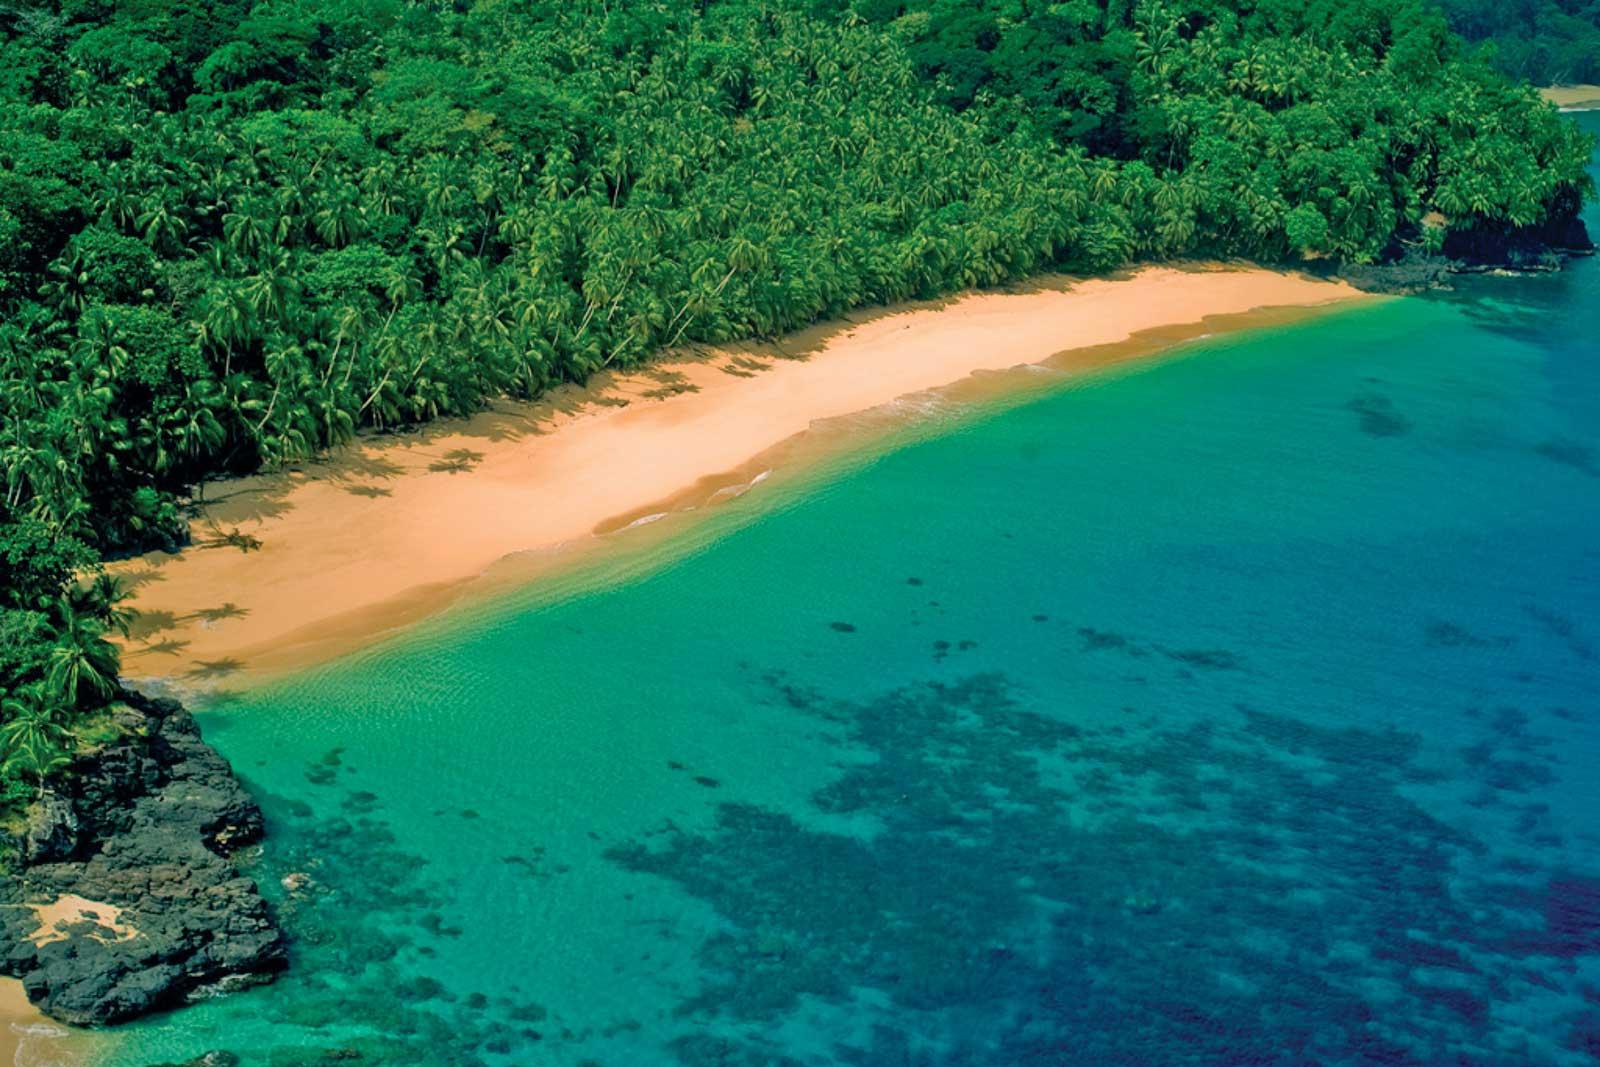 Baía das Agulhas, mer bleue et nature luxuriante, baie protégée de la zone ouest du parc naturel de Principe